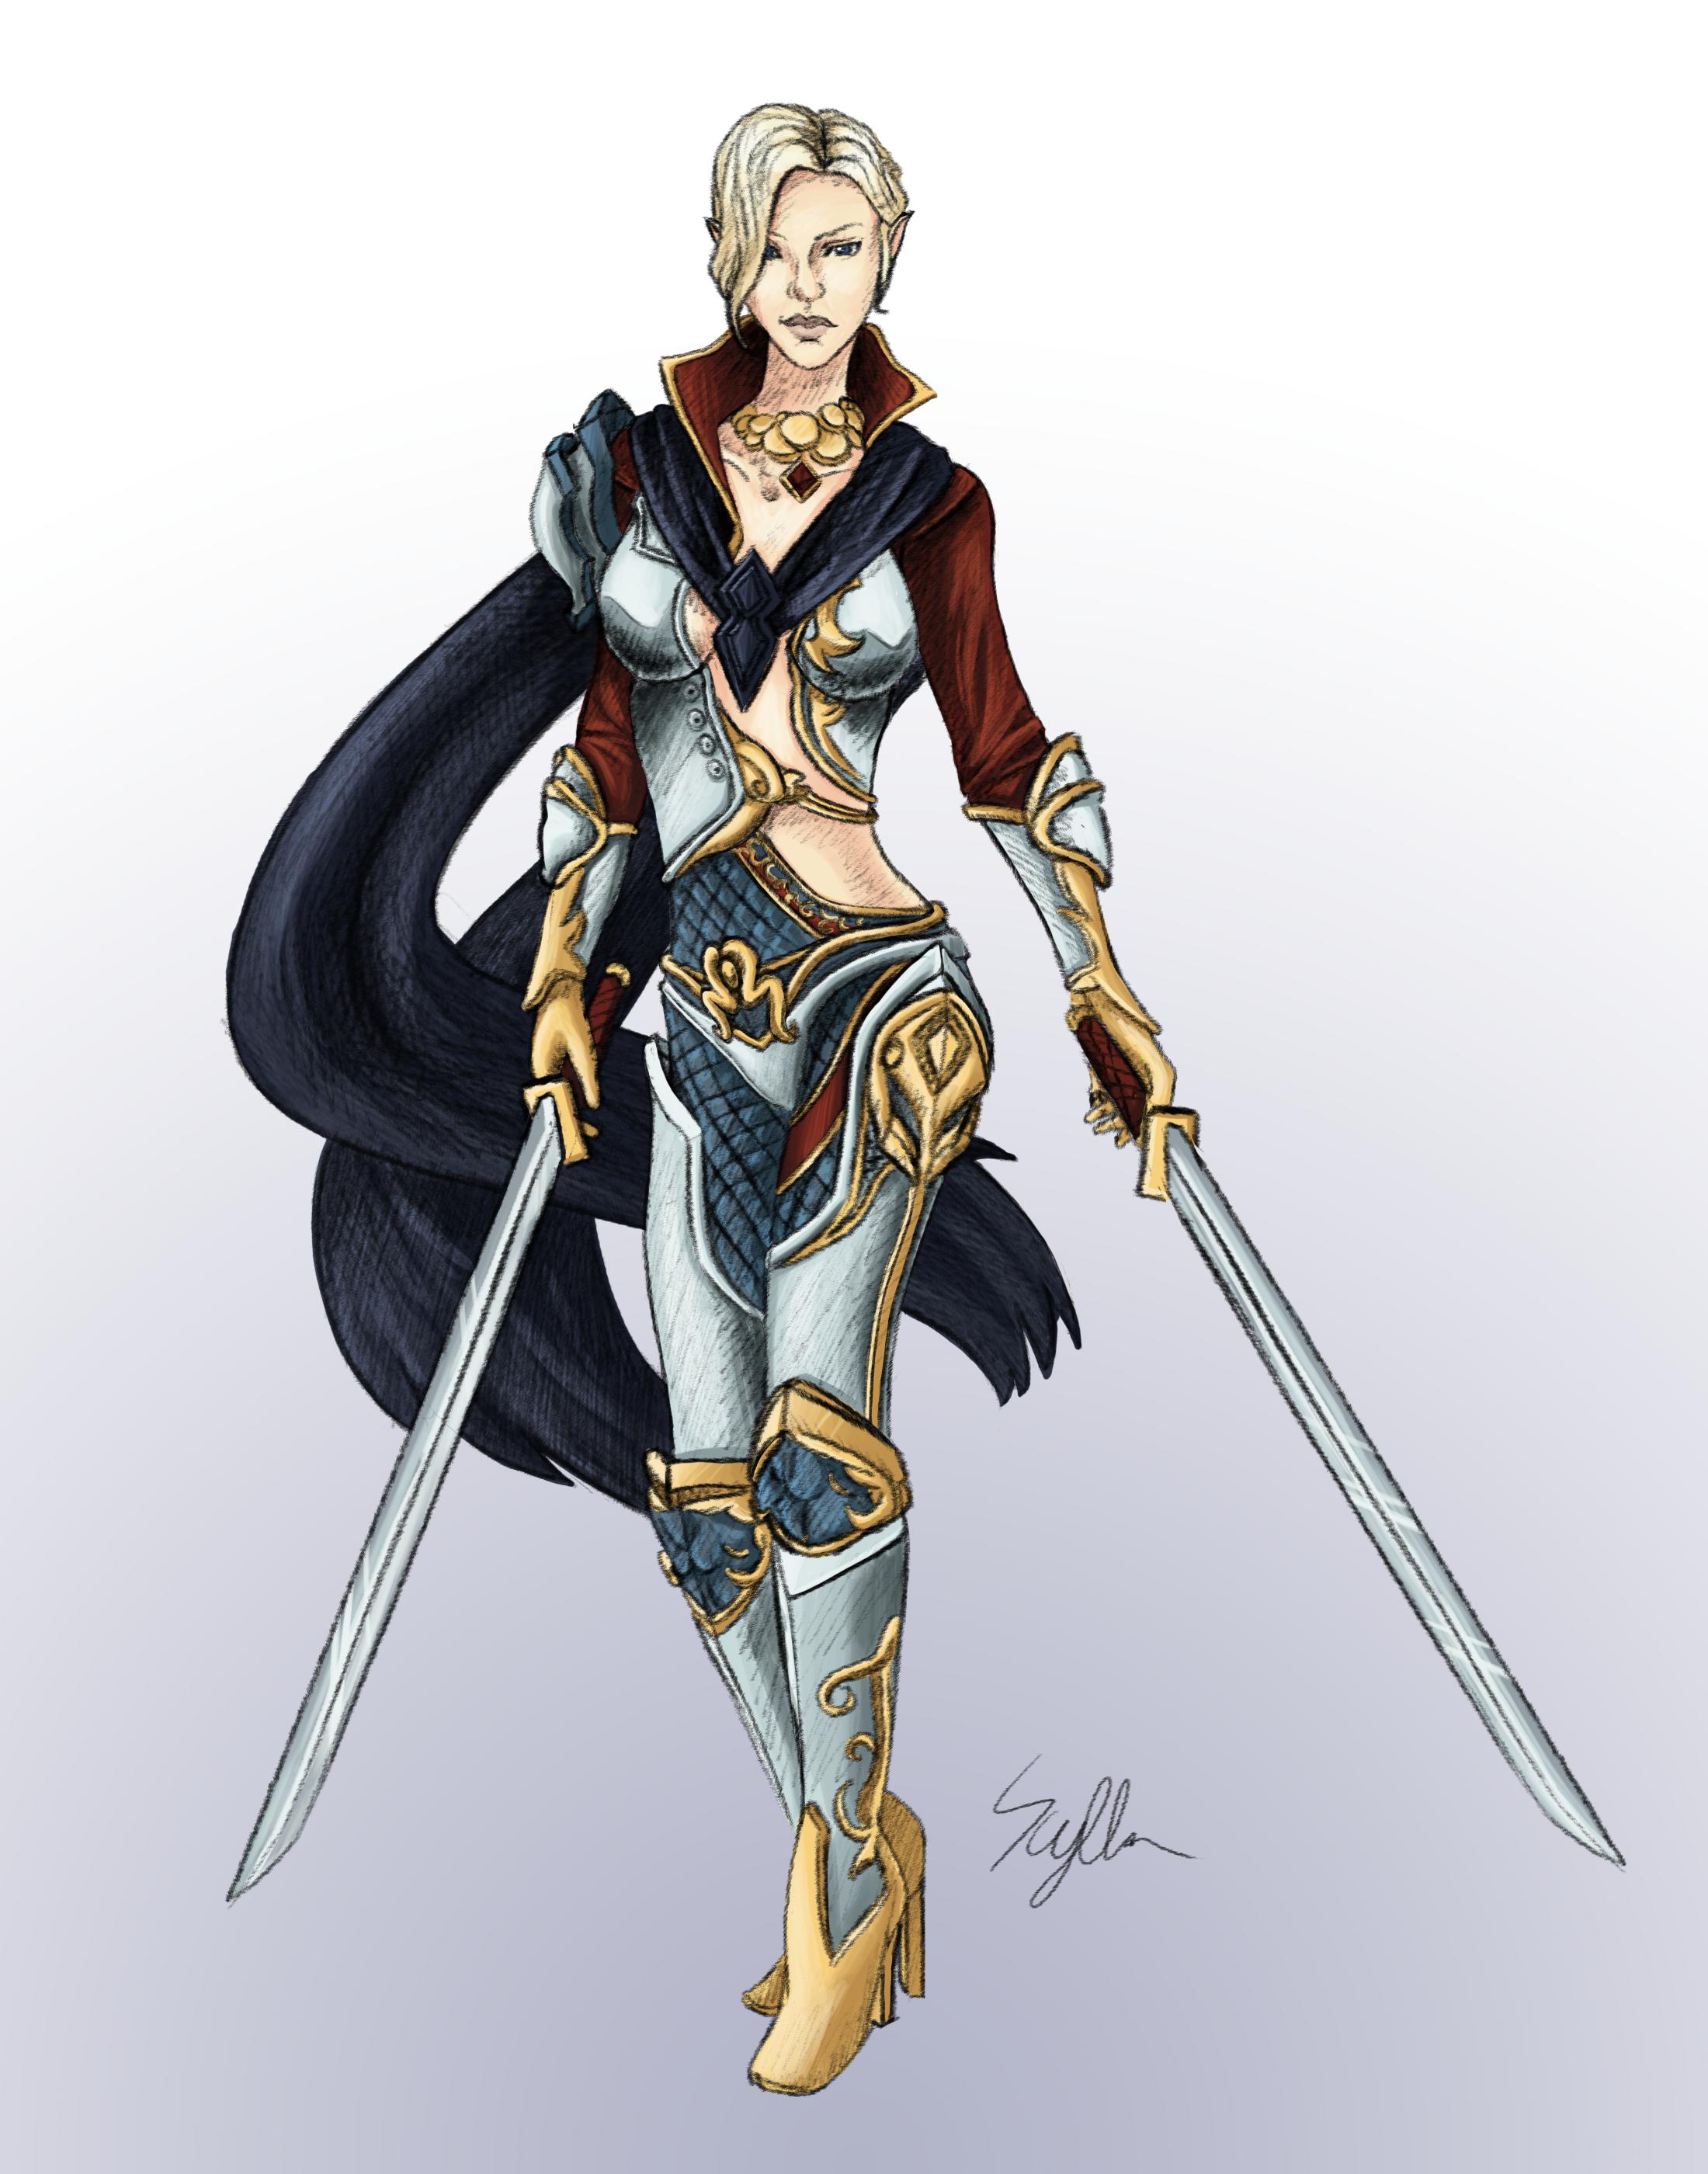 Fiohari - High Elf Warrior